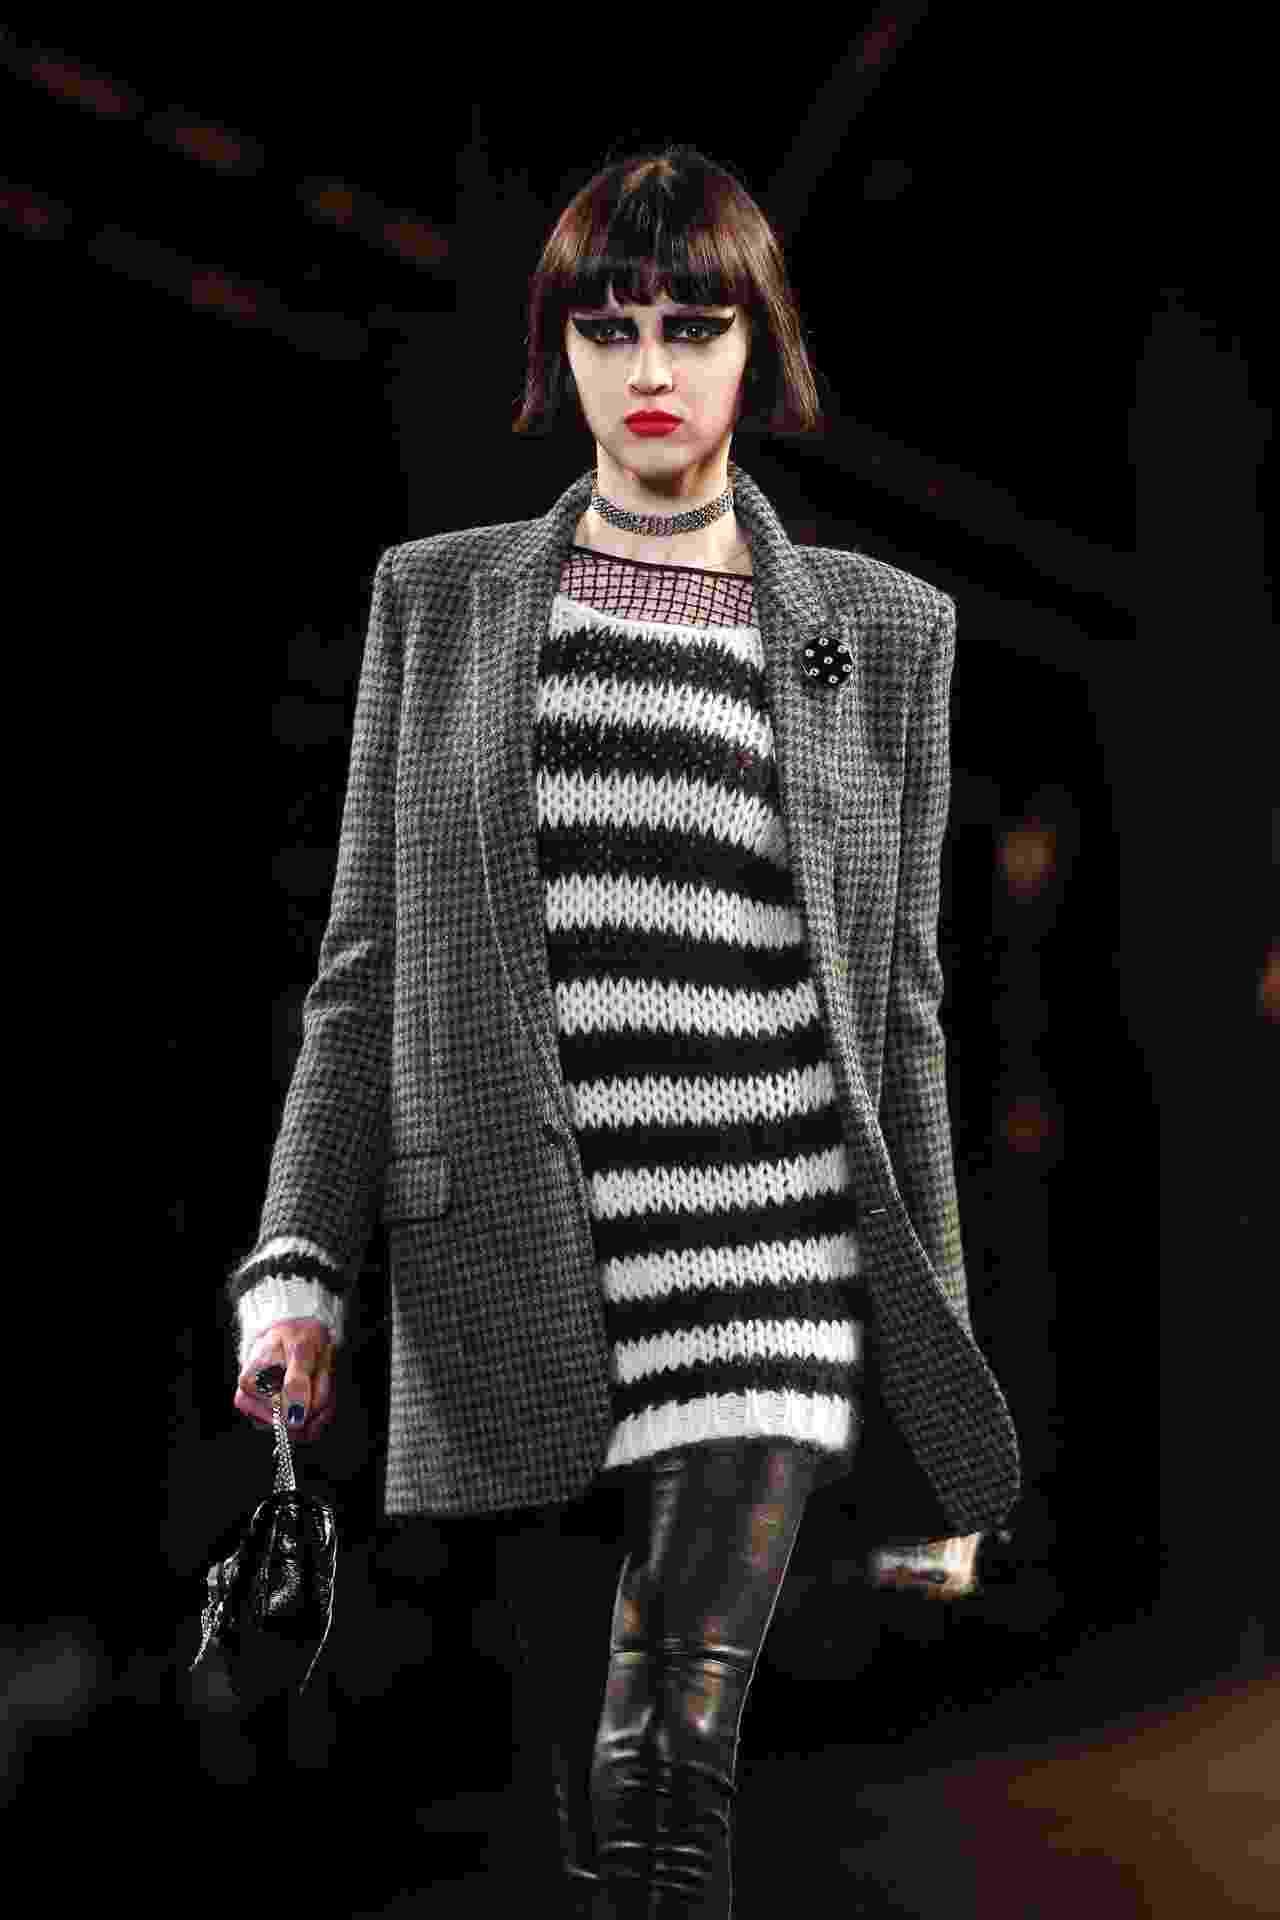 9.mar.2015 - Para o Inverno 2015, a Saint Laurent apostou em no blazer xadrez, estampa que foi febre na época os anos 90, por conta do movimento grunge, combinado com a malha de listras. Outra referência da época é a gargantilha, que foi exibida na Semana de Moda de Paris - Getty Images